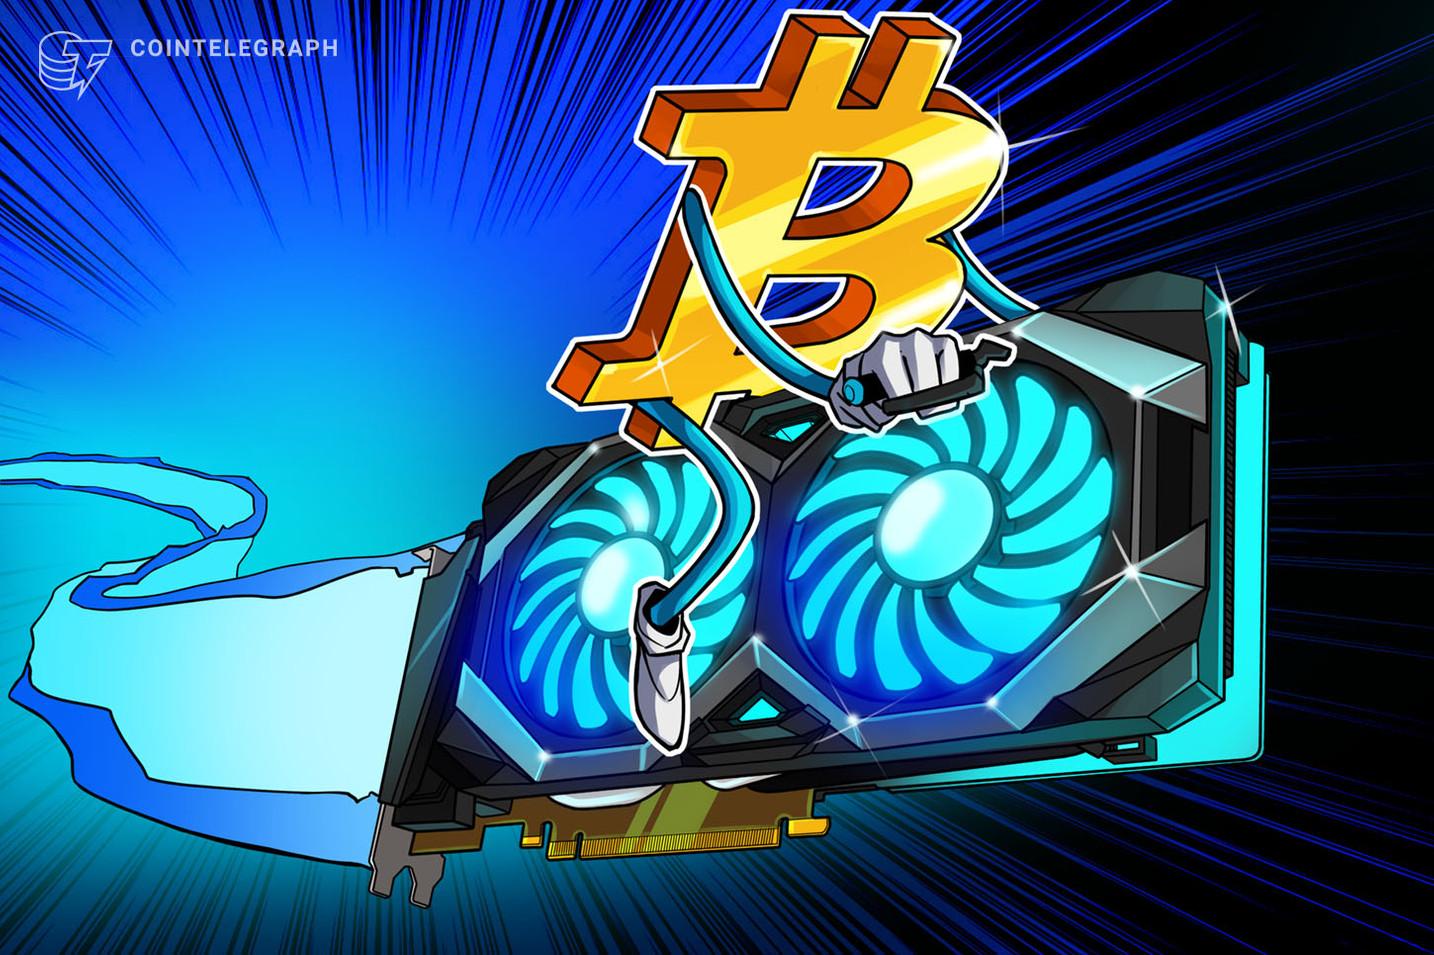 Square de Jack Dorsey proyecta invertir 10 millones de dólares en energía verde para la minería de Bitcoin